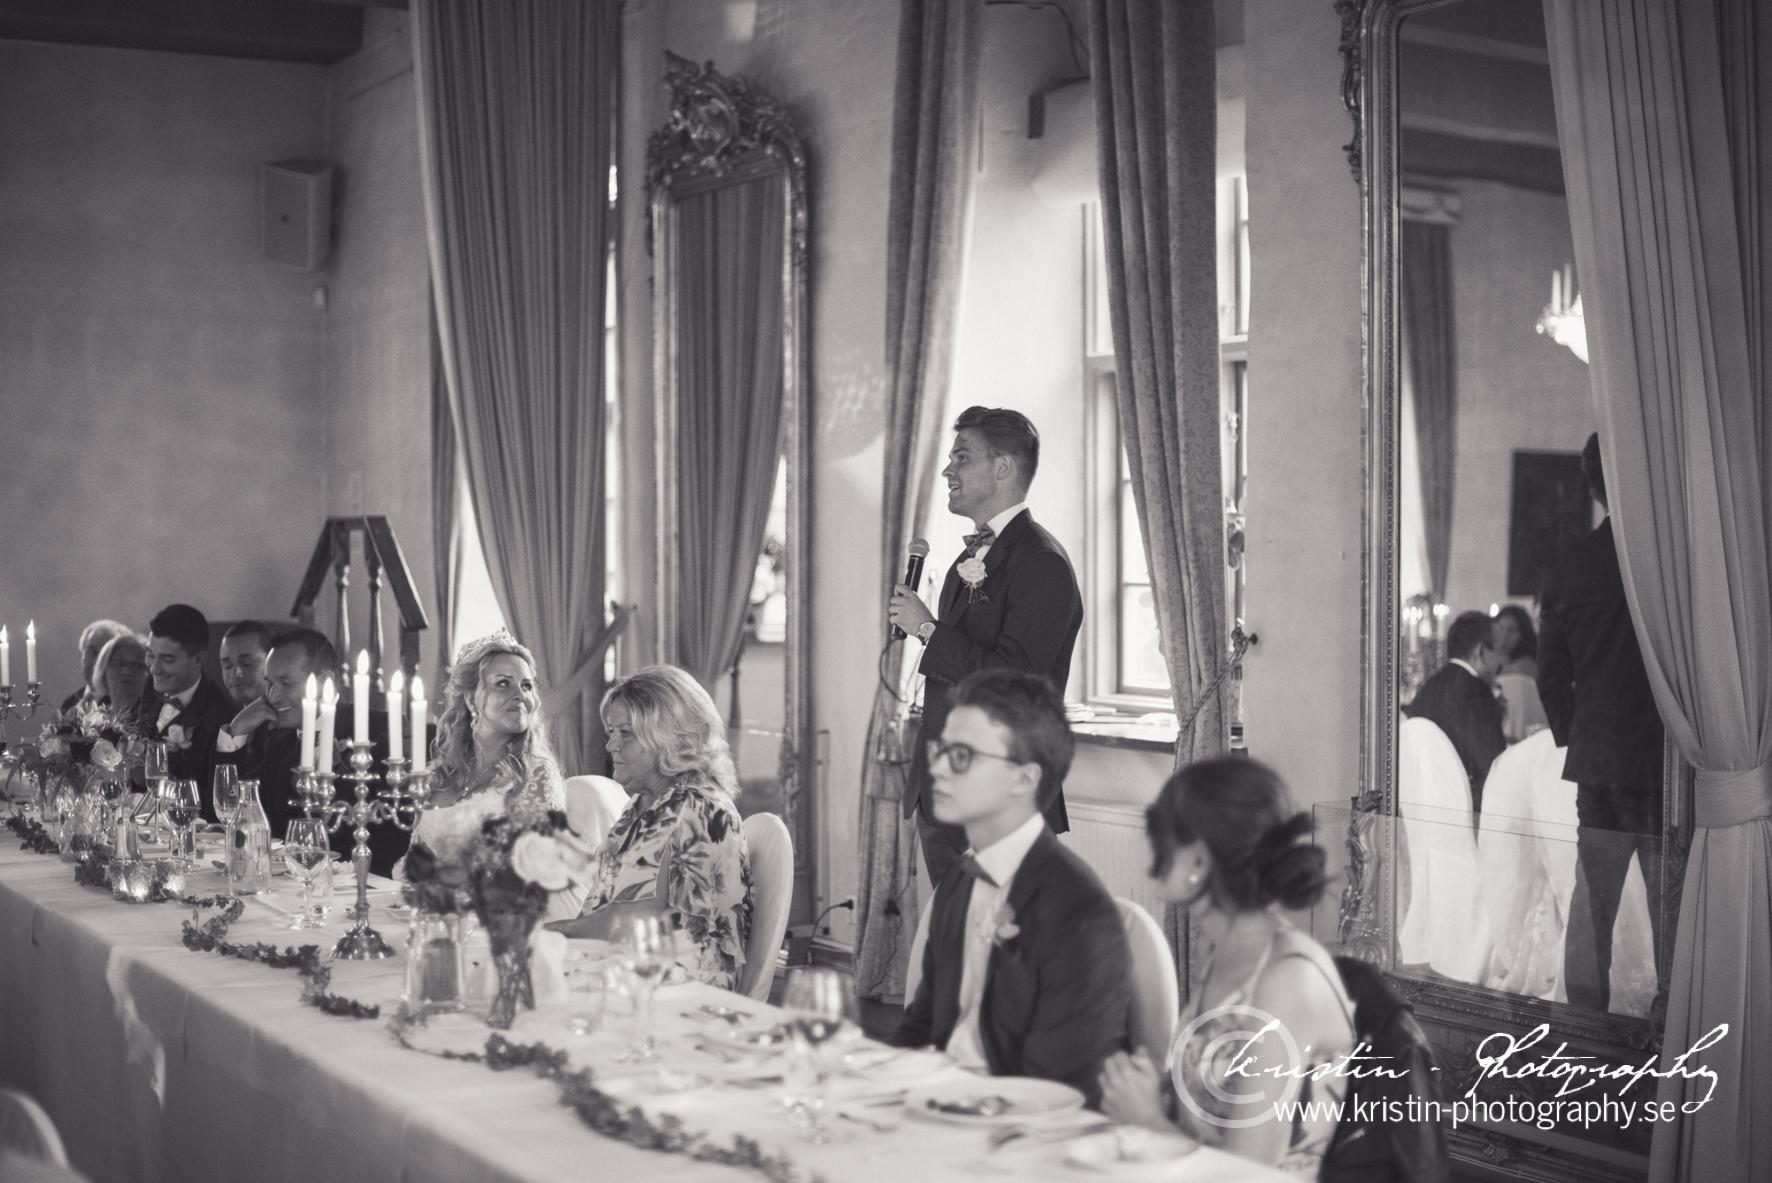 Bröllopsfotograf i Eskilstuna, Kristin - Photography-376.jpg